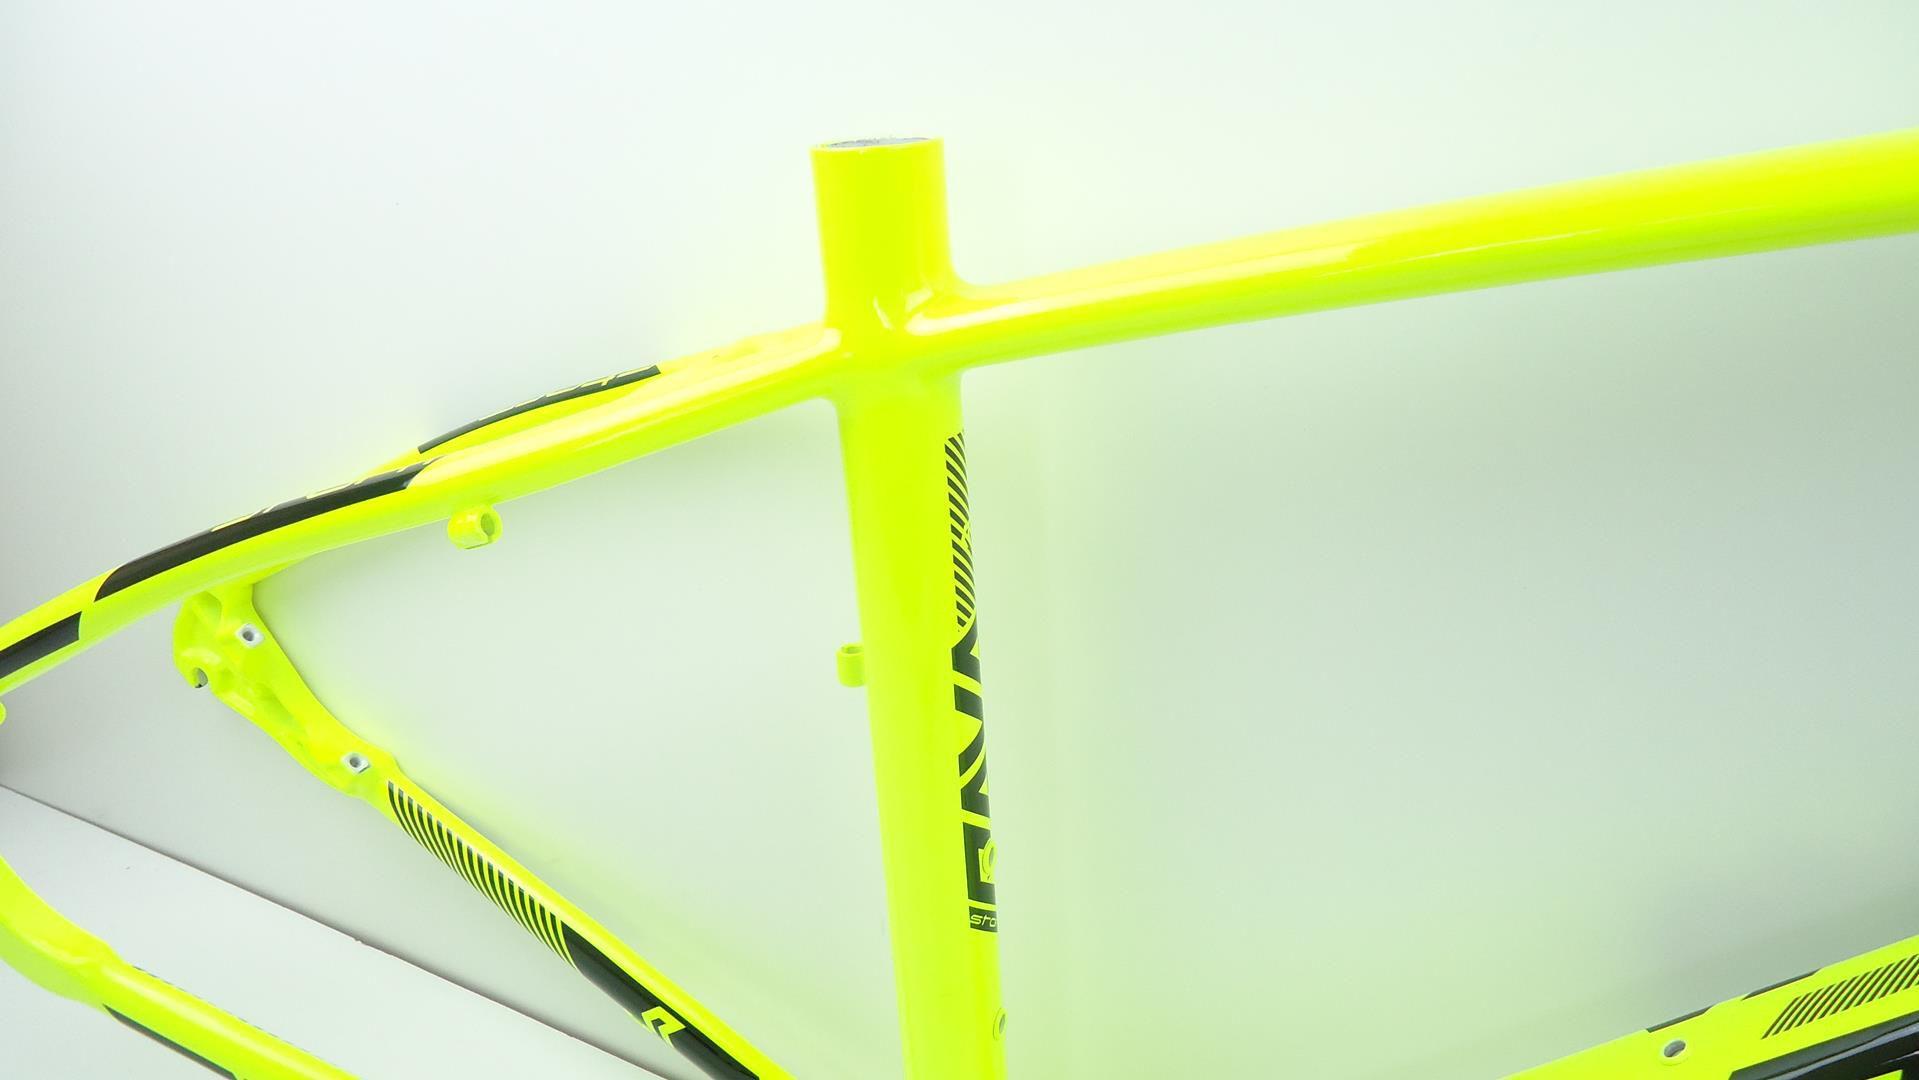 Quadro Bicicleta MTB Rava Storm Aro 29 Amarelo em Aluminio com Kit Guidão Mesa Canote